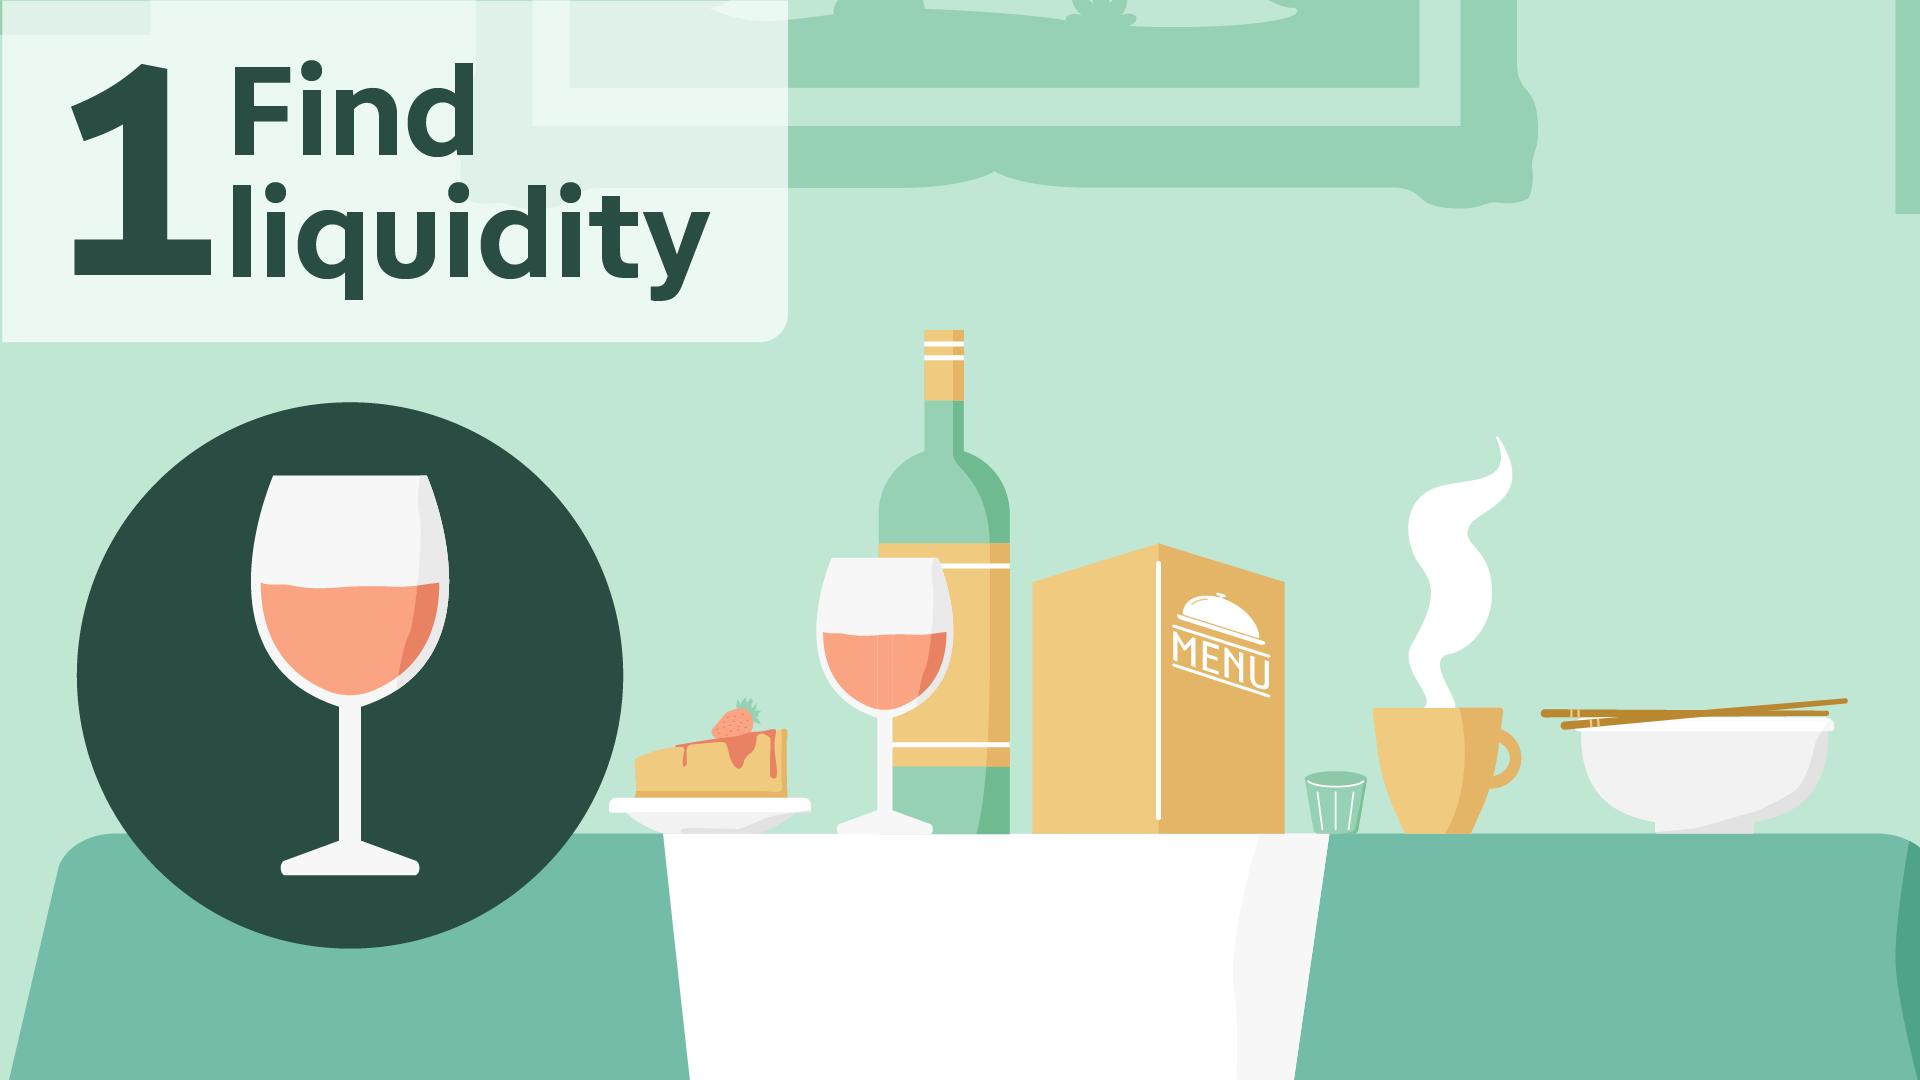 Find liquidity